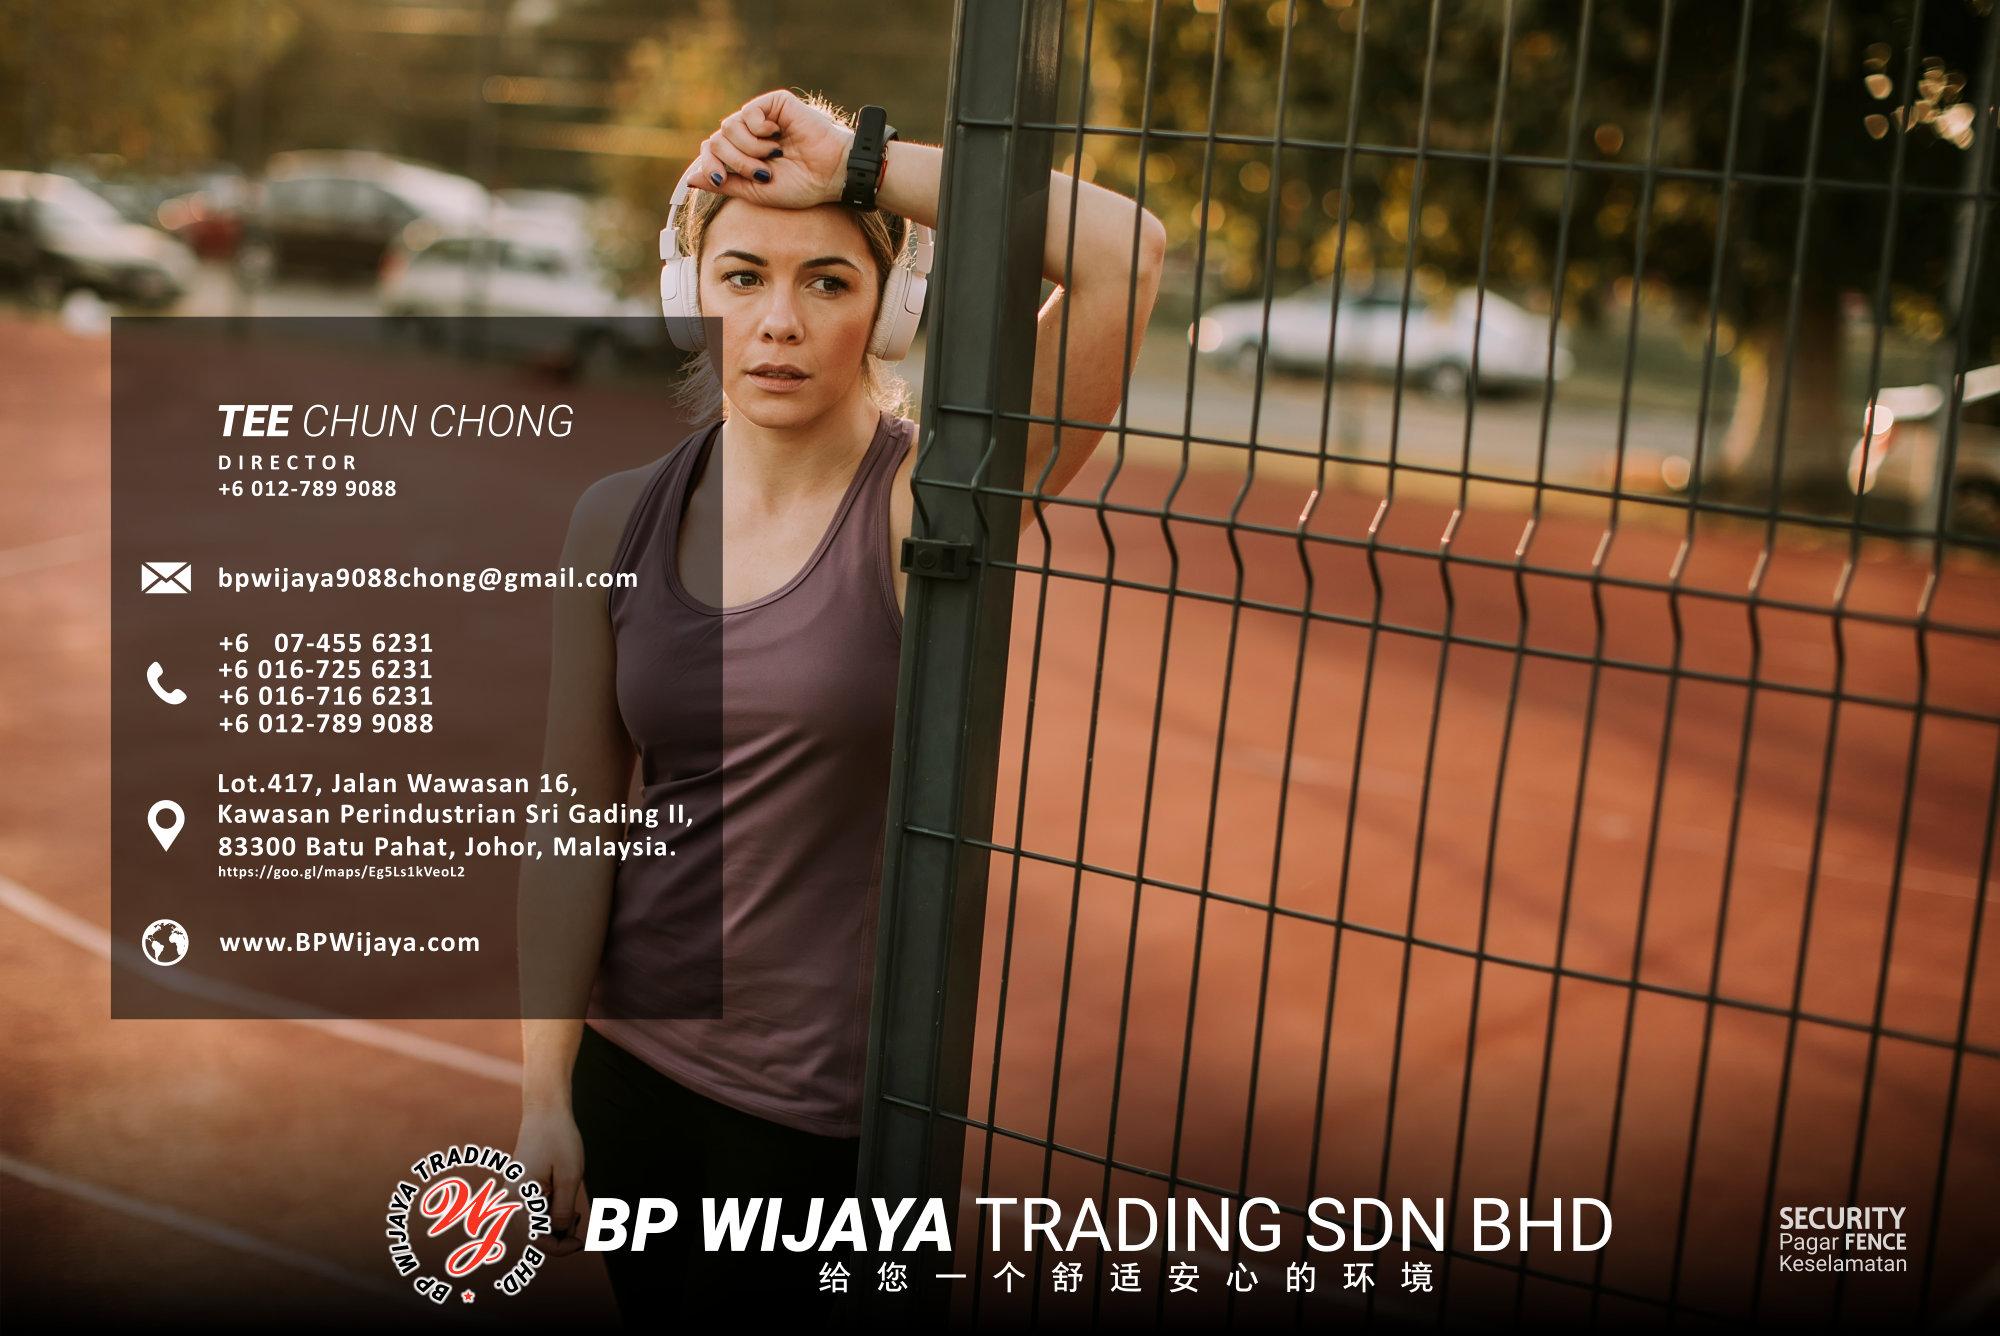 吉隆坡安全篱笆供应商 - 我们是安全篱笆制造商 BP Wijaya Trading Sdn Bhd 住家围栏篱笆 提供 吉隆坡篱笆 建筑材料 给 发展商 花园 公寓 住家 工厂 农场 果园 安全藩篱 建设 A03-014